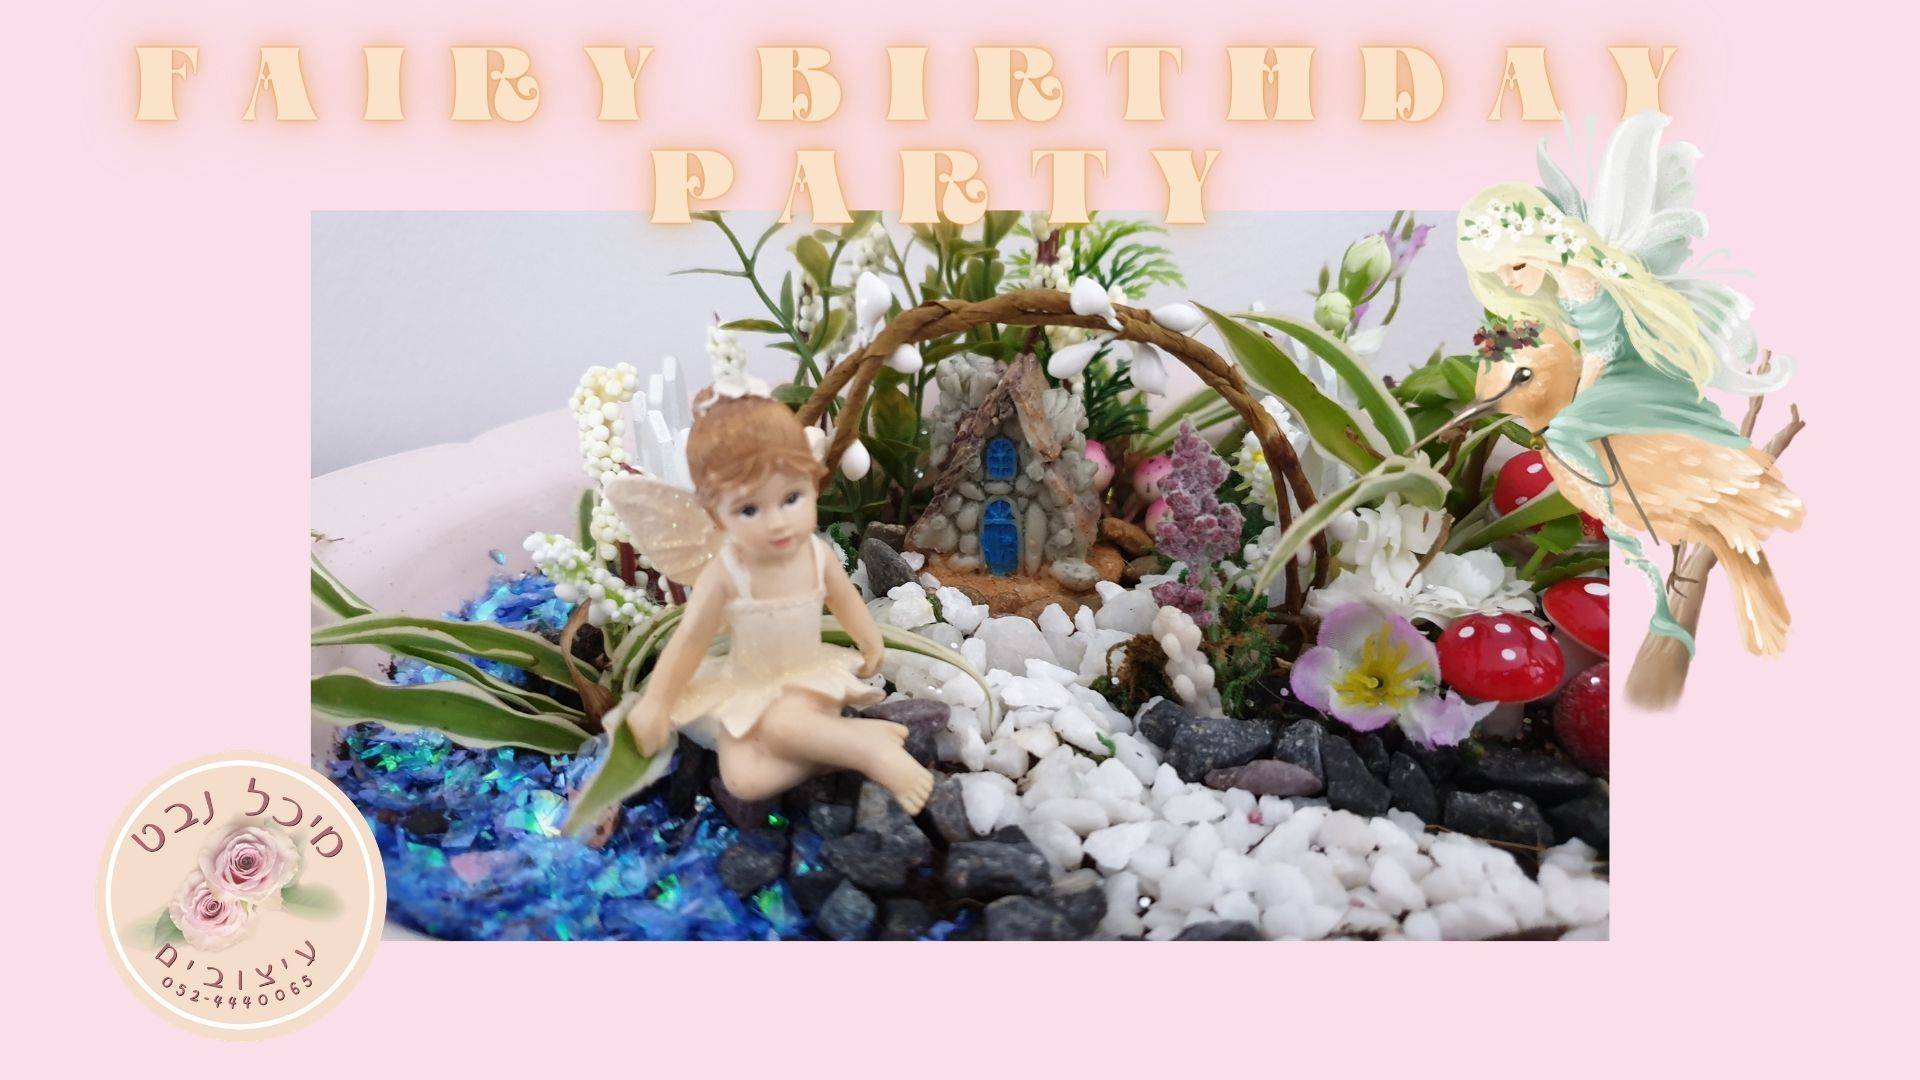 יום הולדת פיות, יום הולדת ערכת פיות